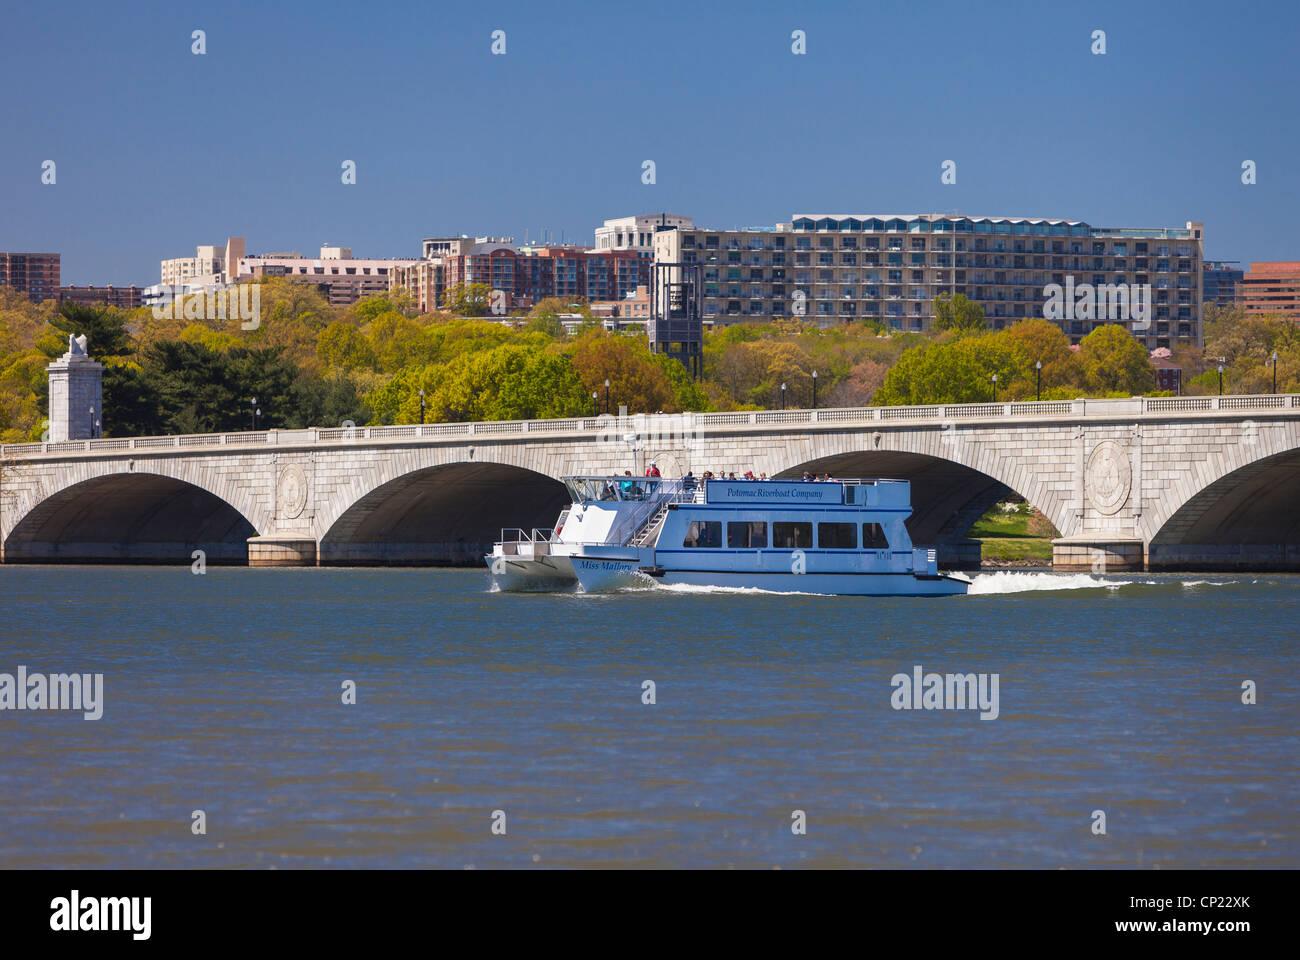 WASHINGTON DC USA Potomac River Cruise Ship Memorial Bridge - Usa river cruises